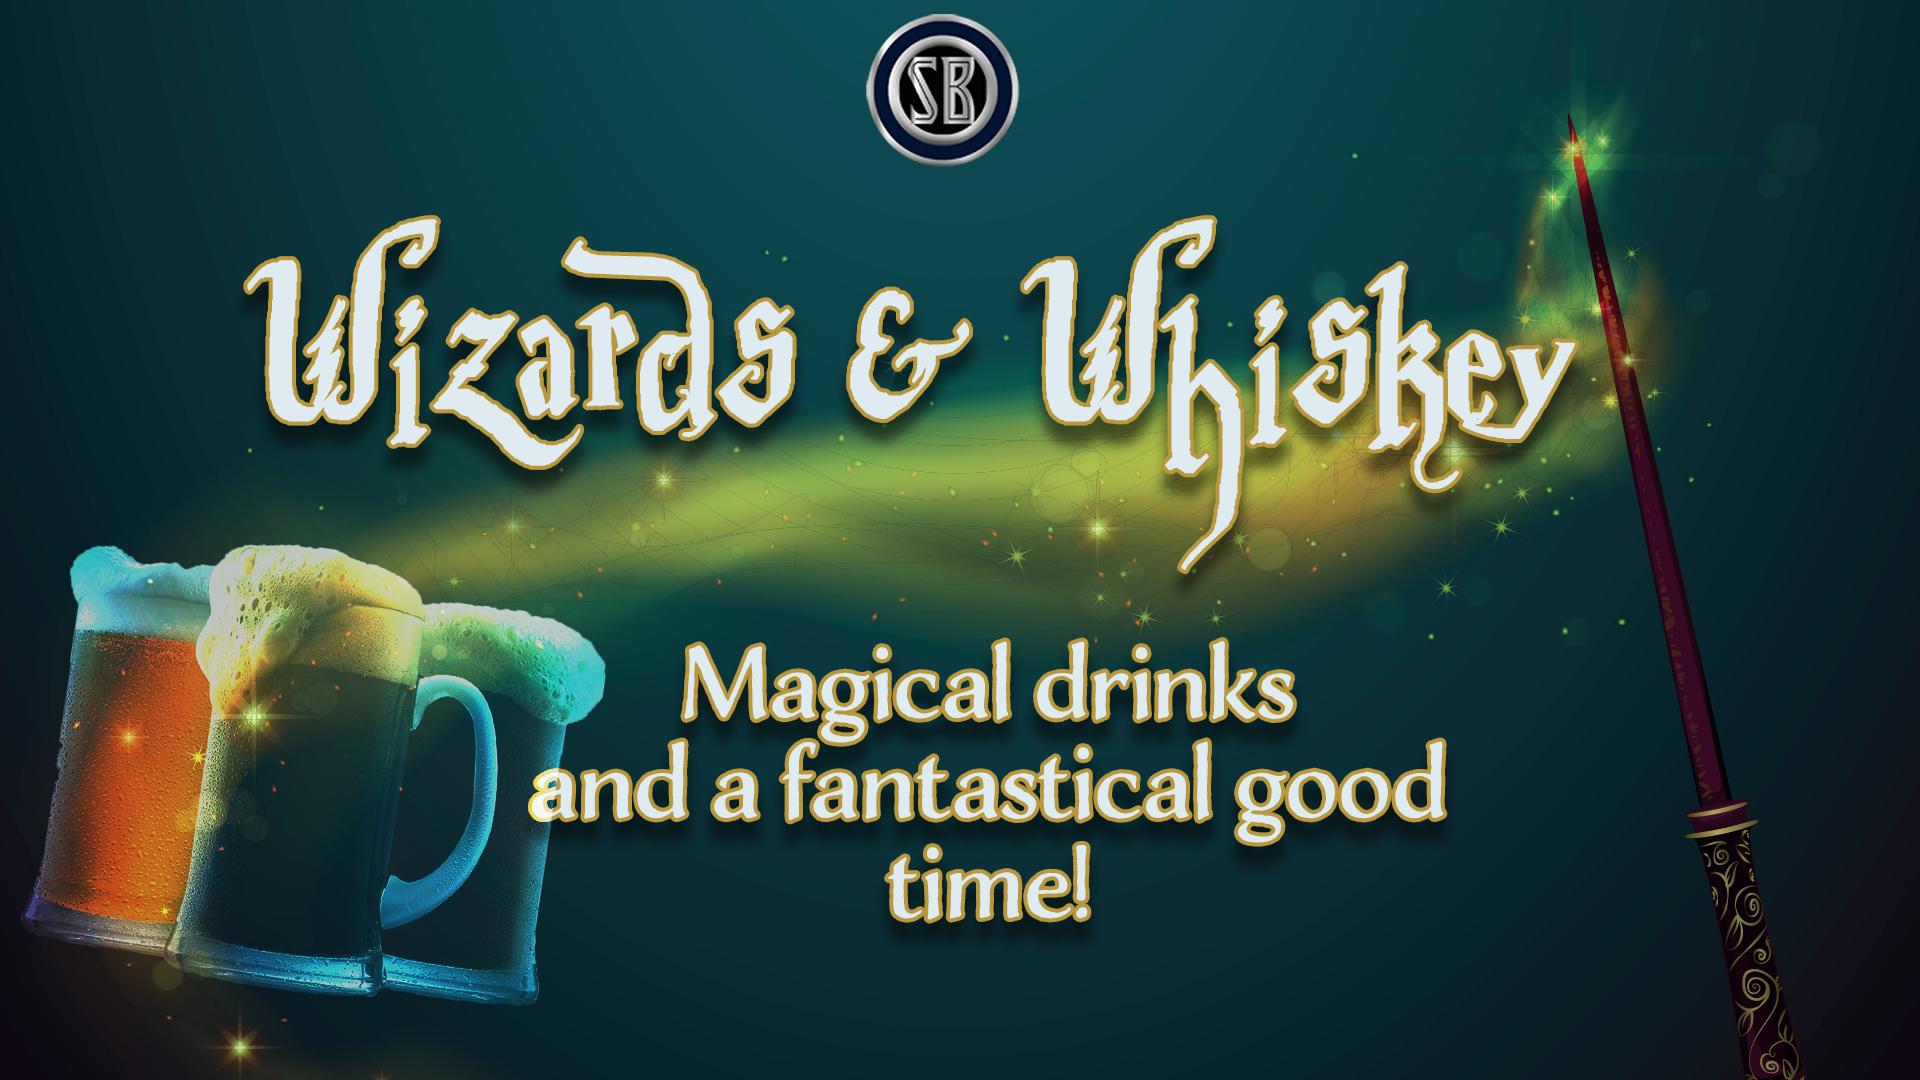 wizards&whiskey.jpg